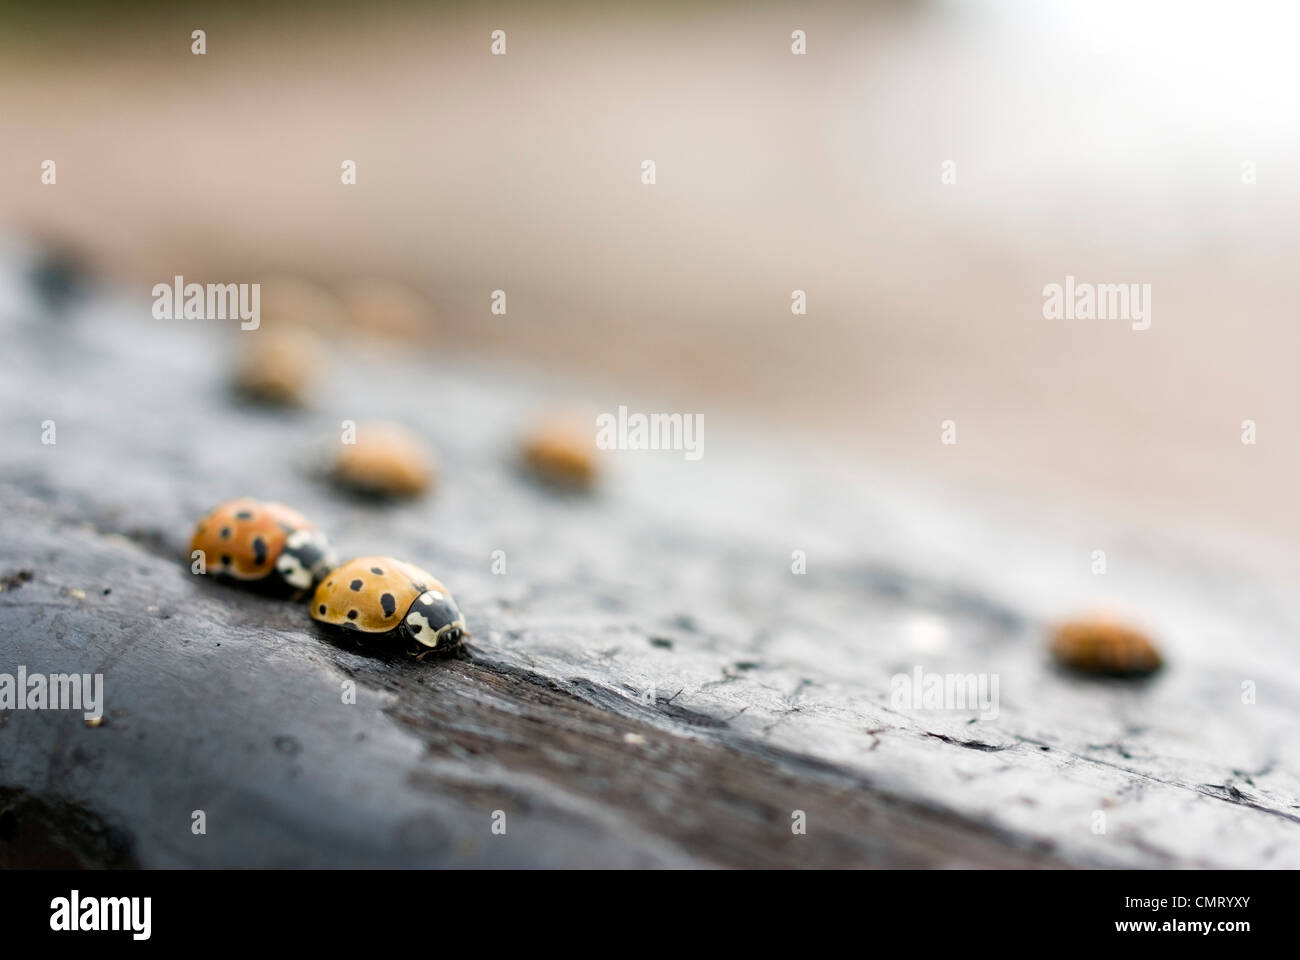 Selective focus of ladybugs on wood - Stock Image